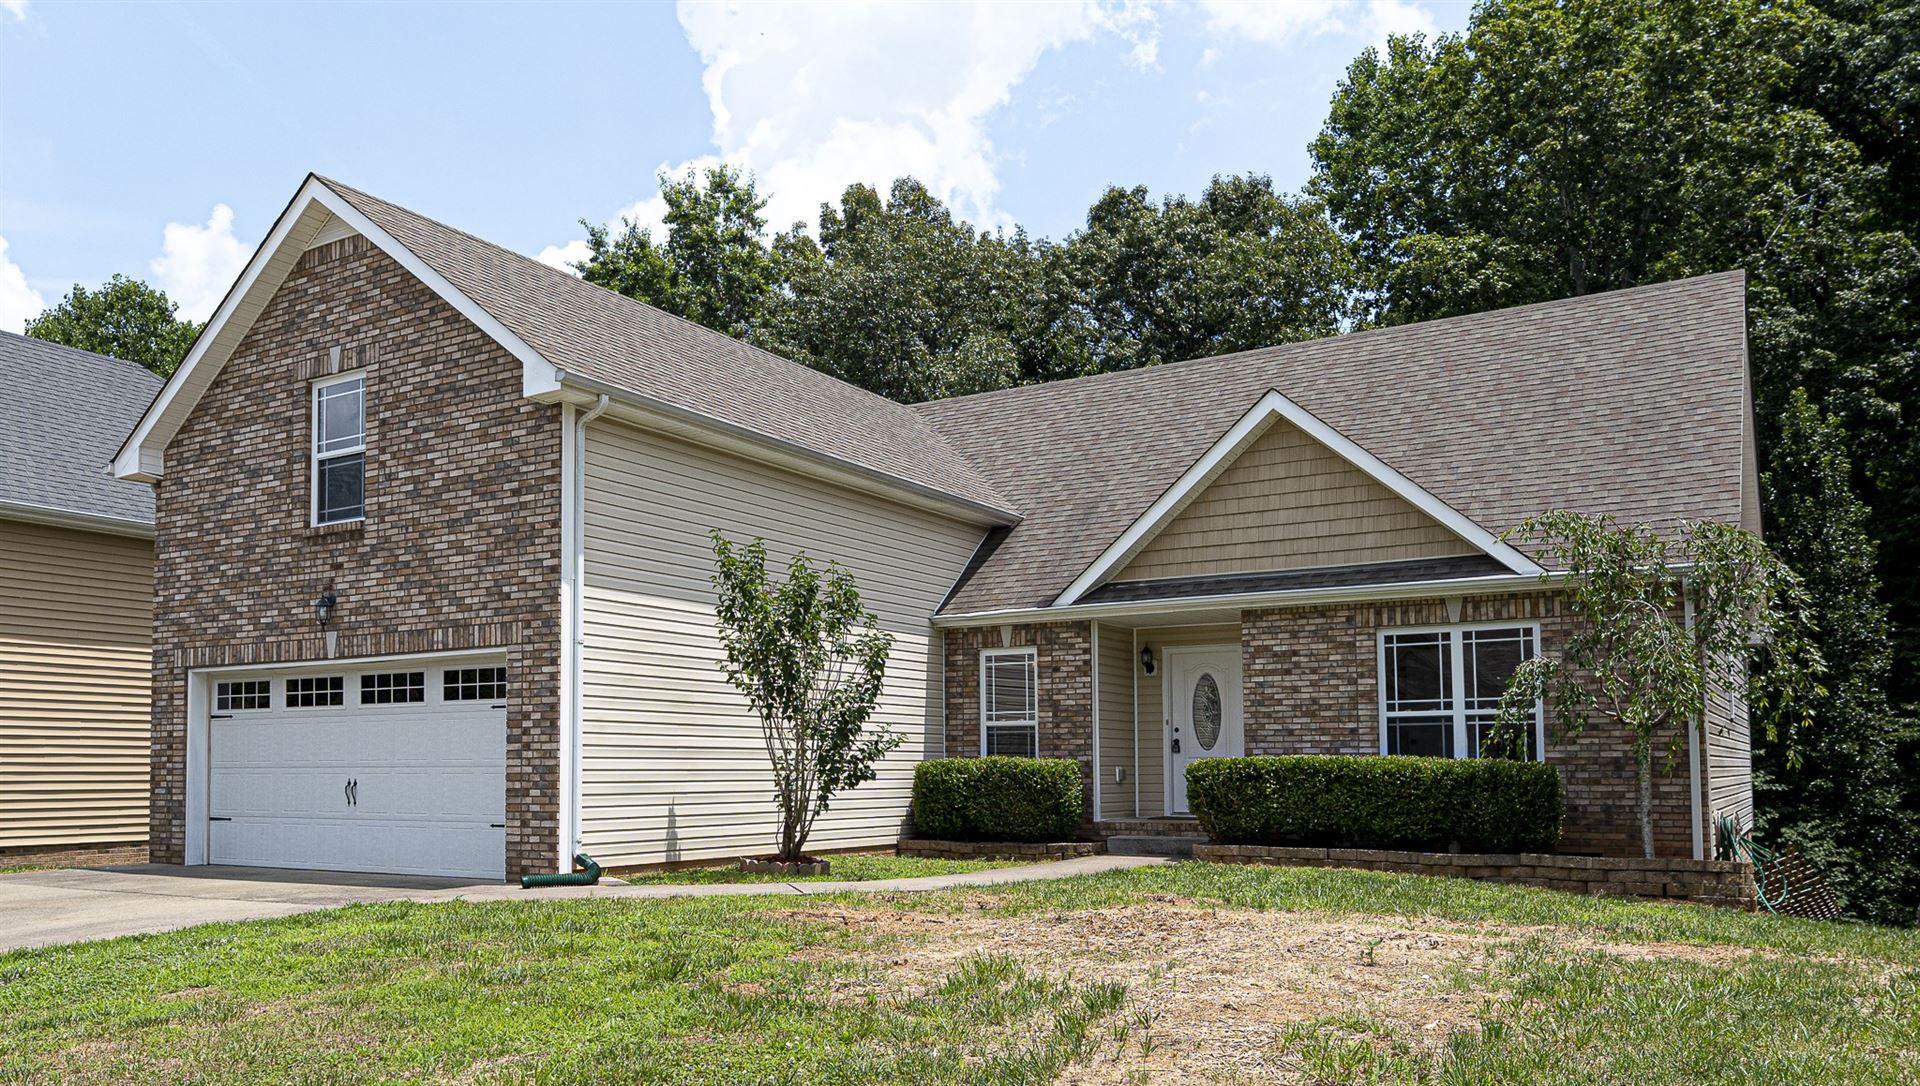 2617 Alex Overlook Way, Clarksville, TN 37043 - MLS#: 2269856